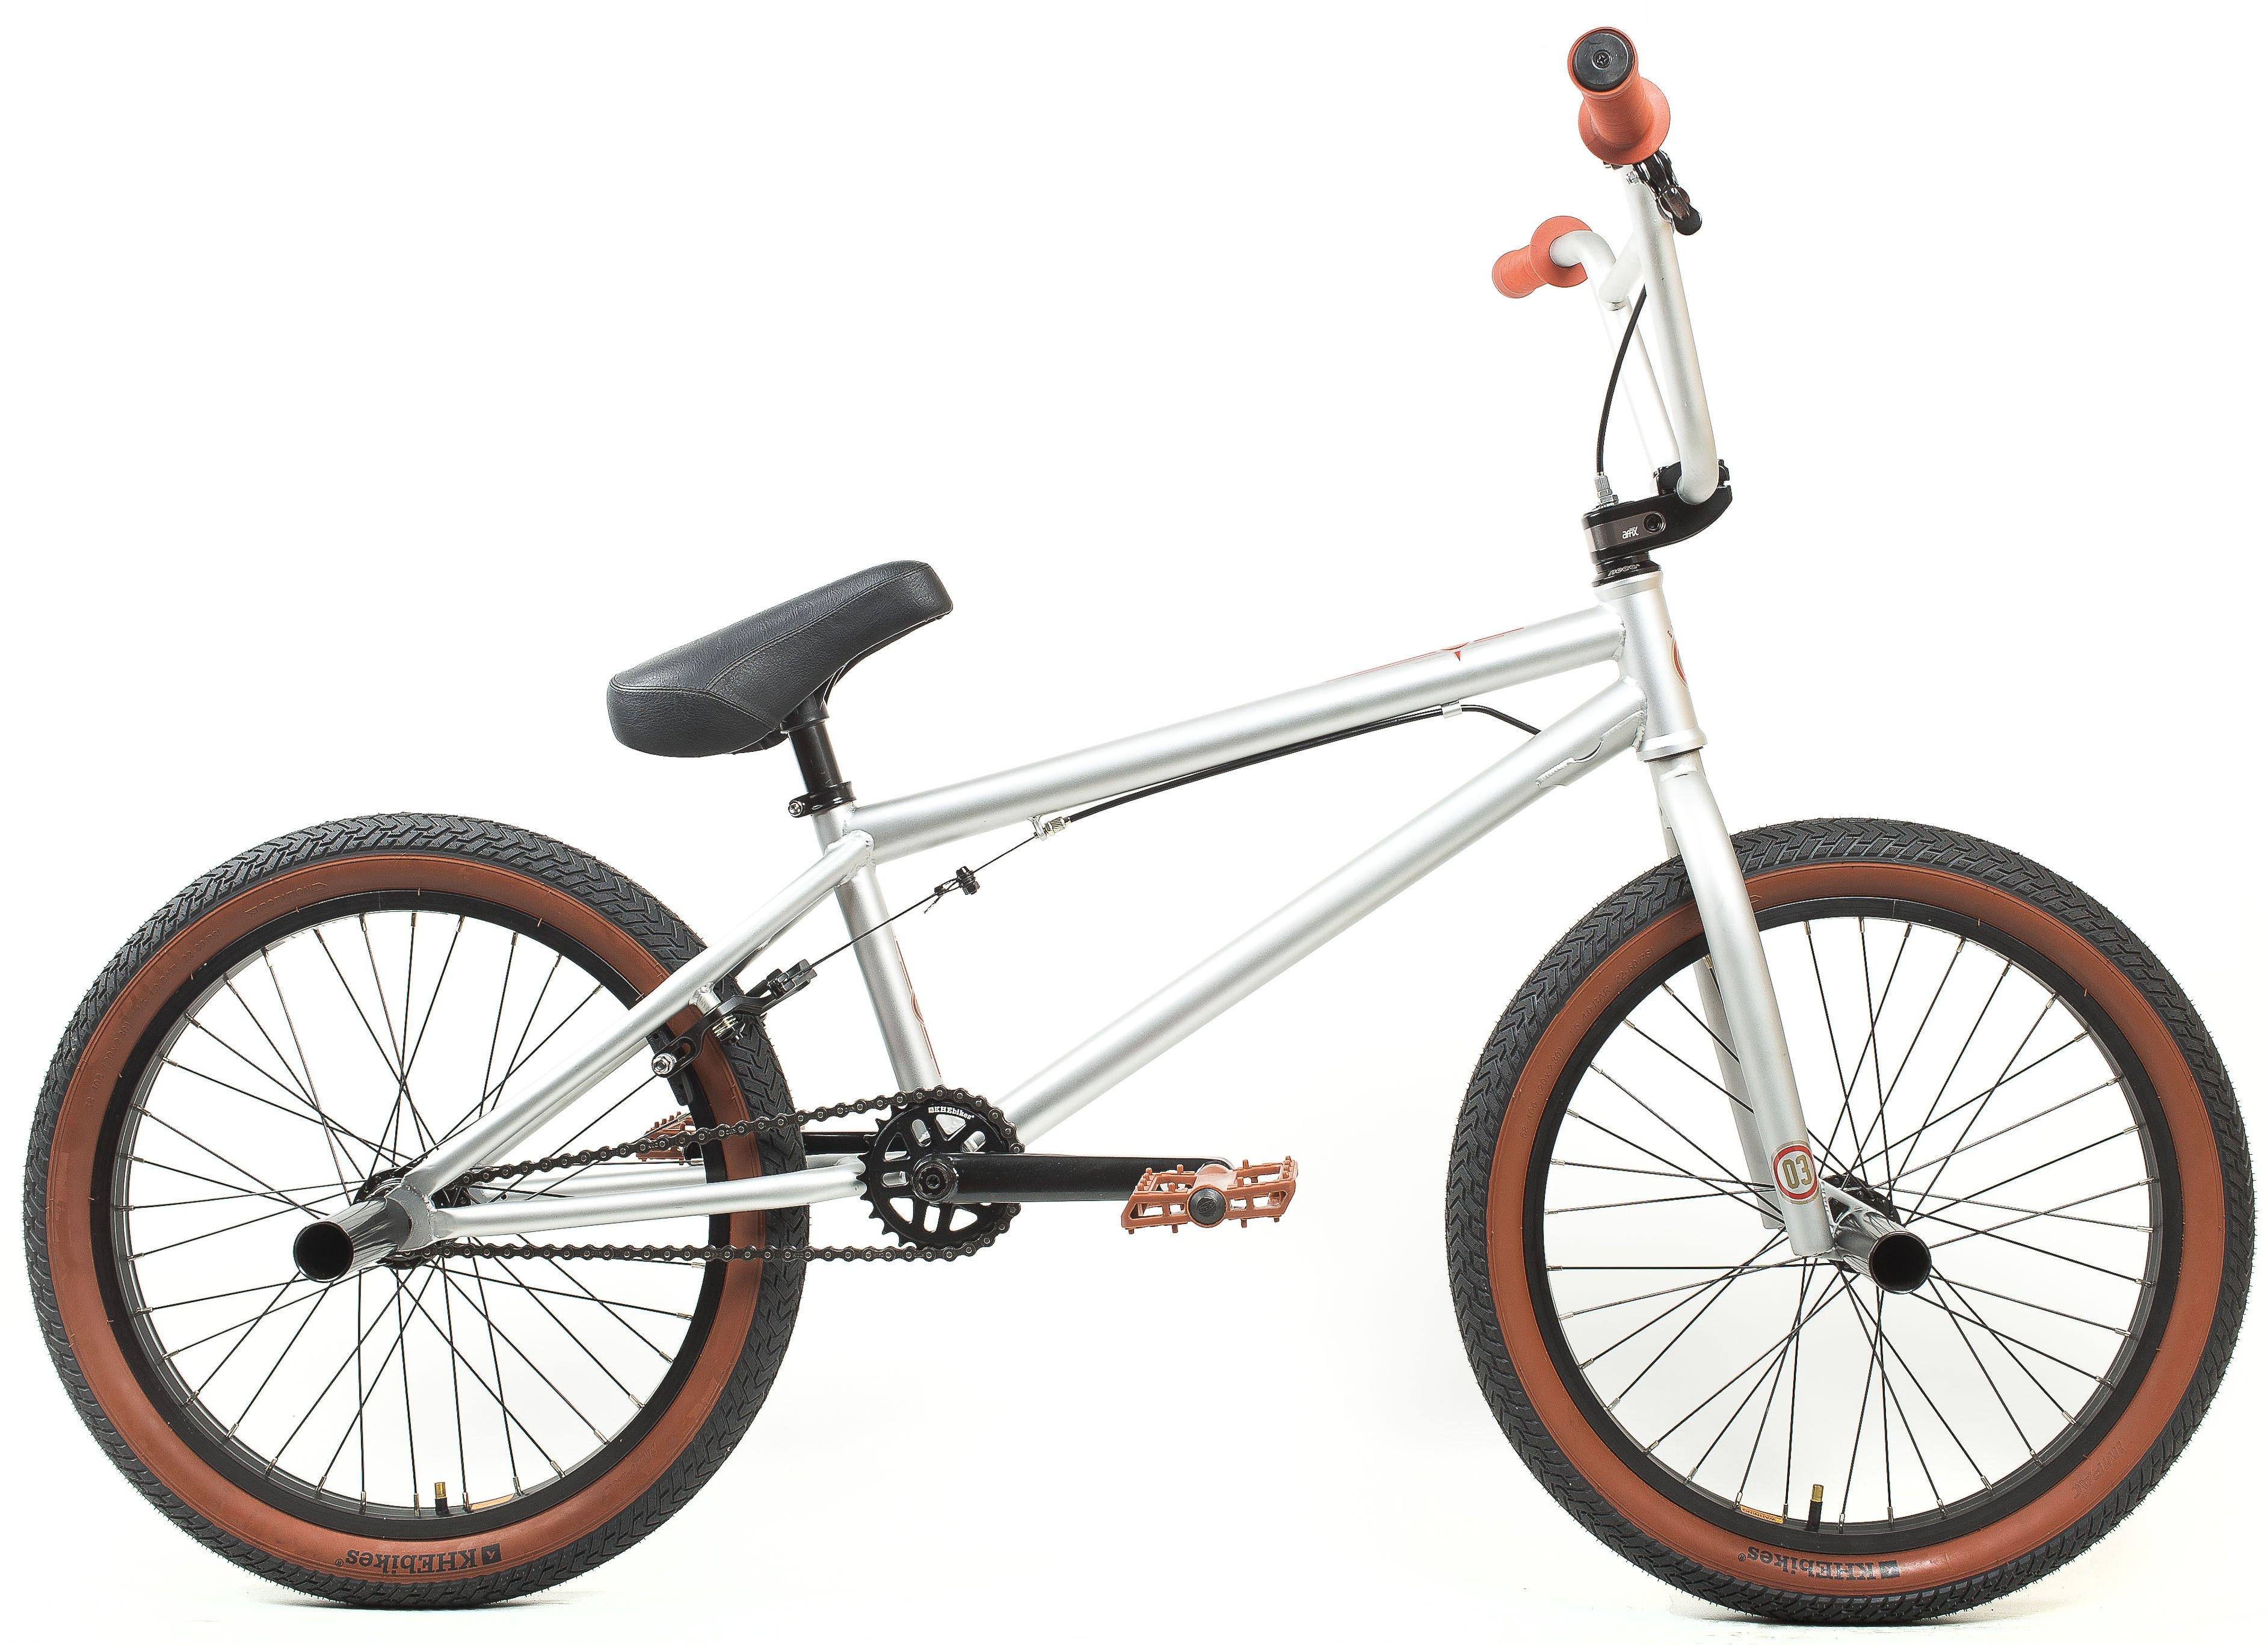 KHE Evo 0.3 BMX Street Bike